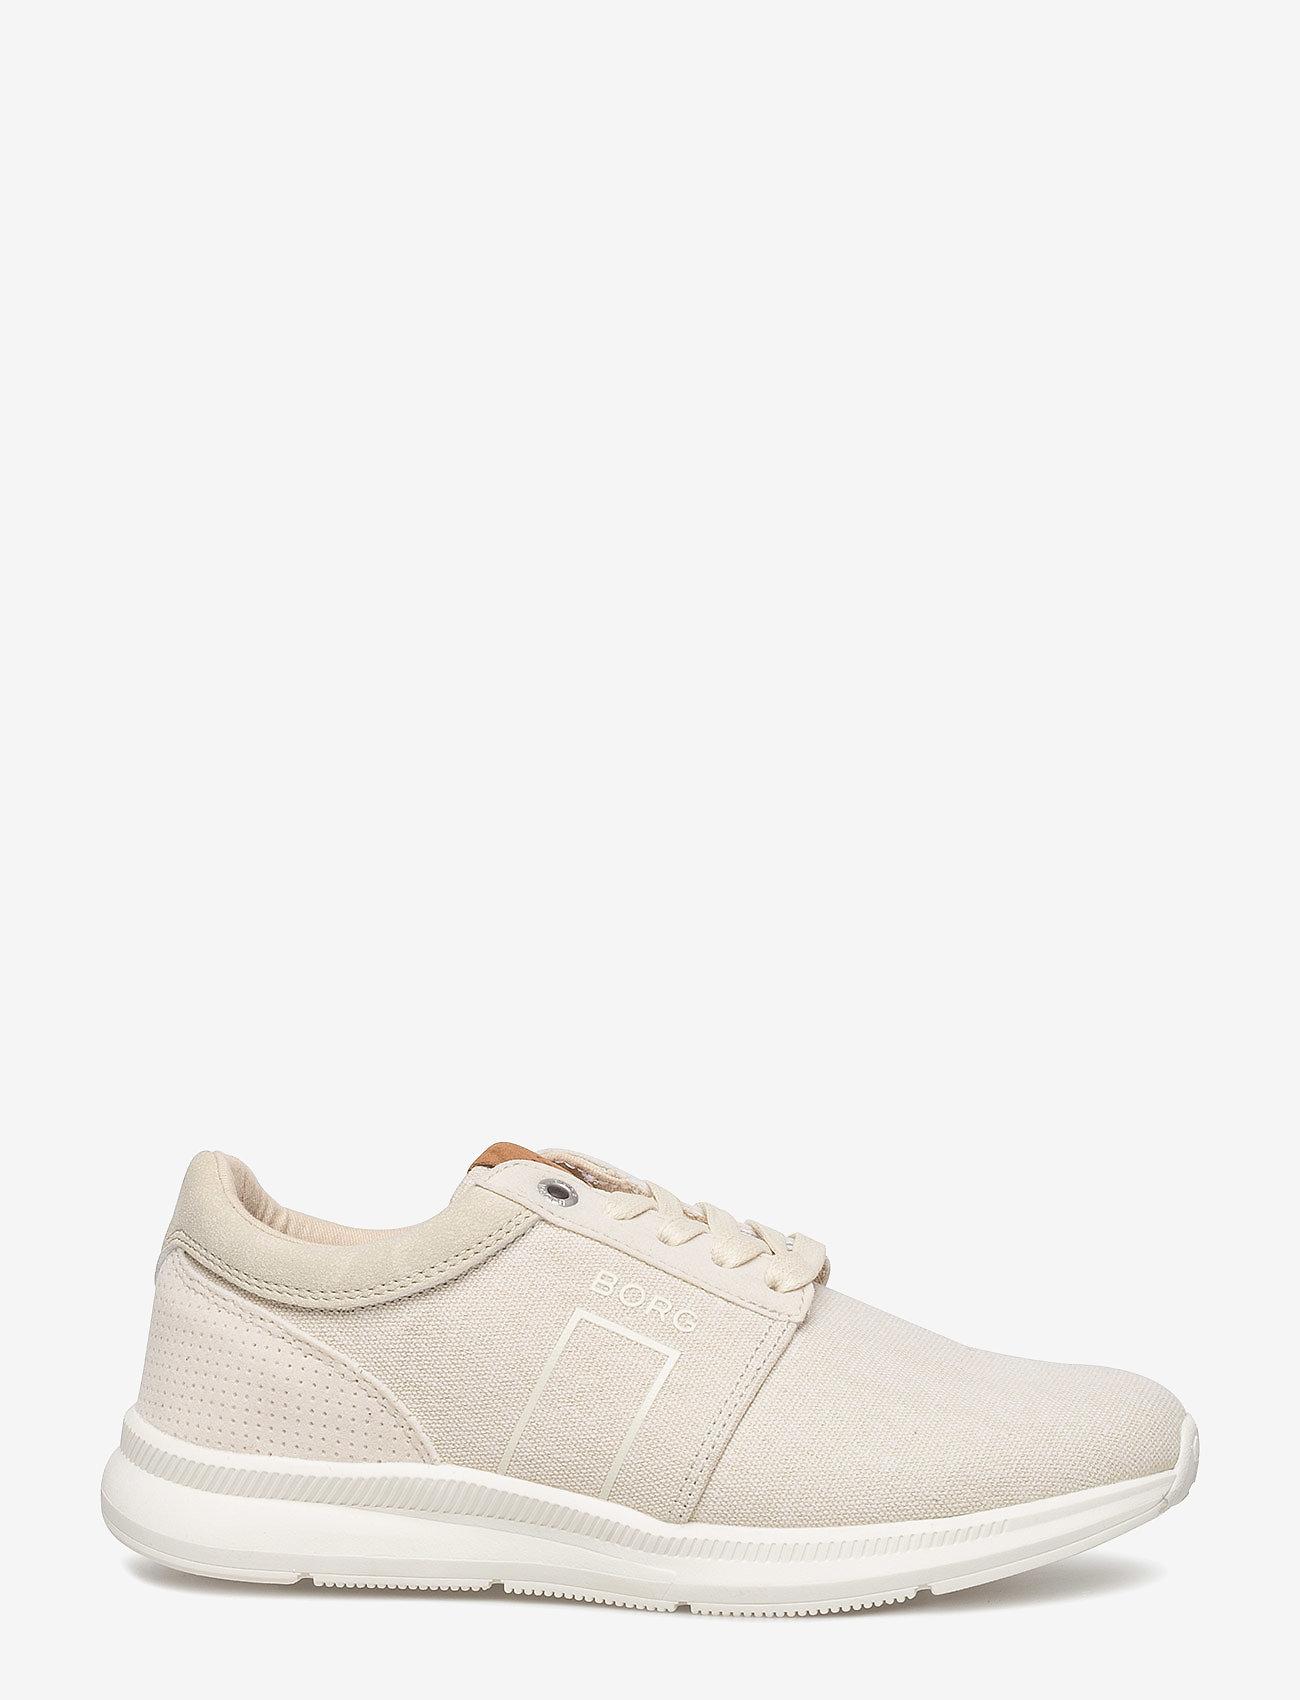 Björn Borg - R500 Low Cvs W - low top sneakers - beige - 1